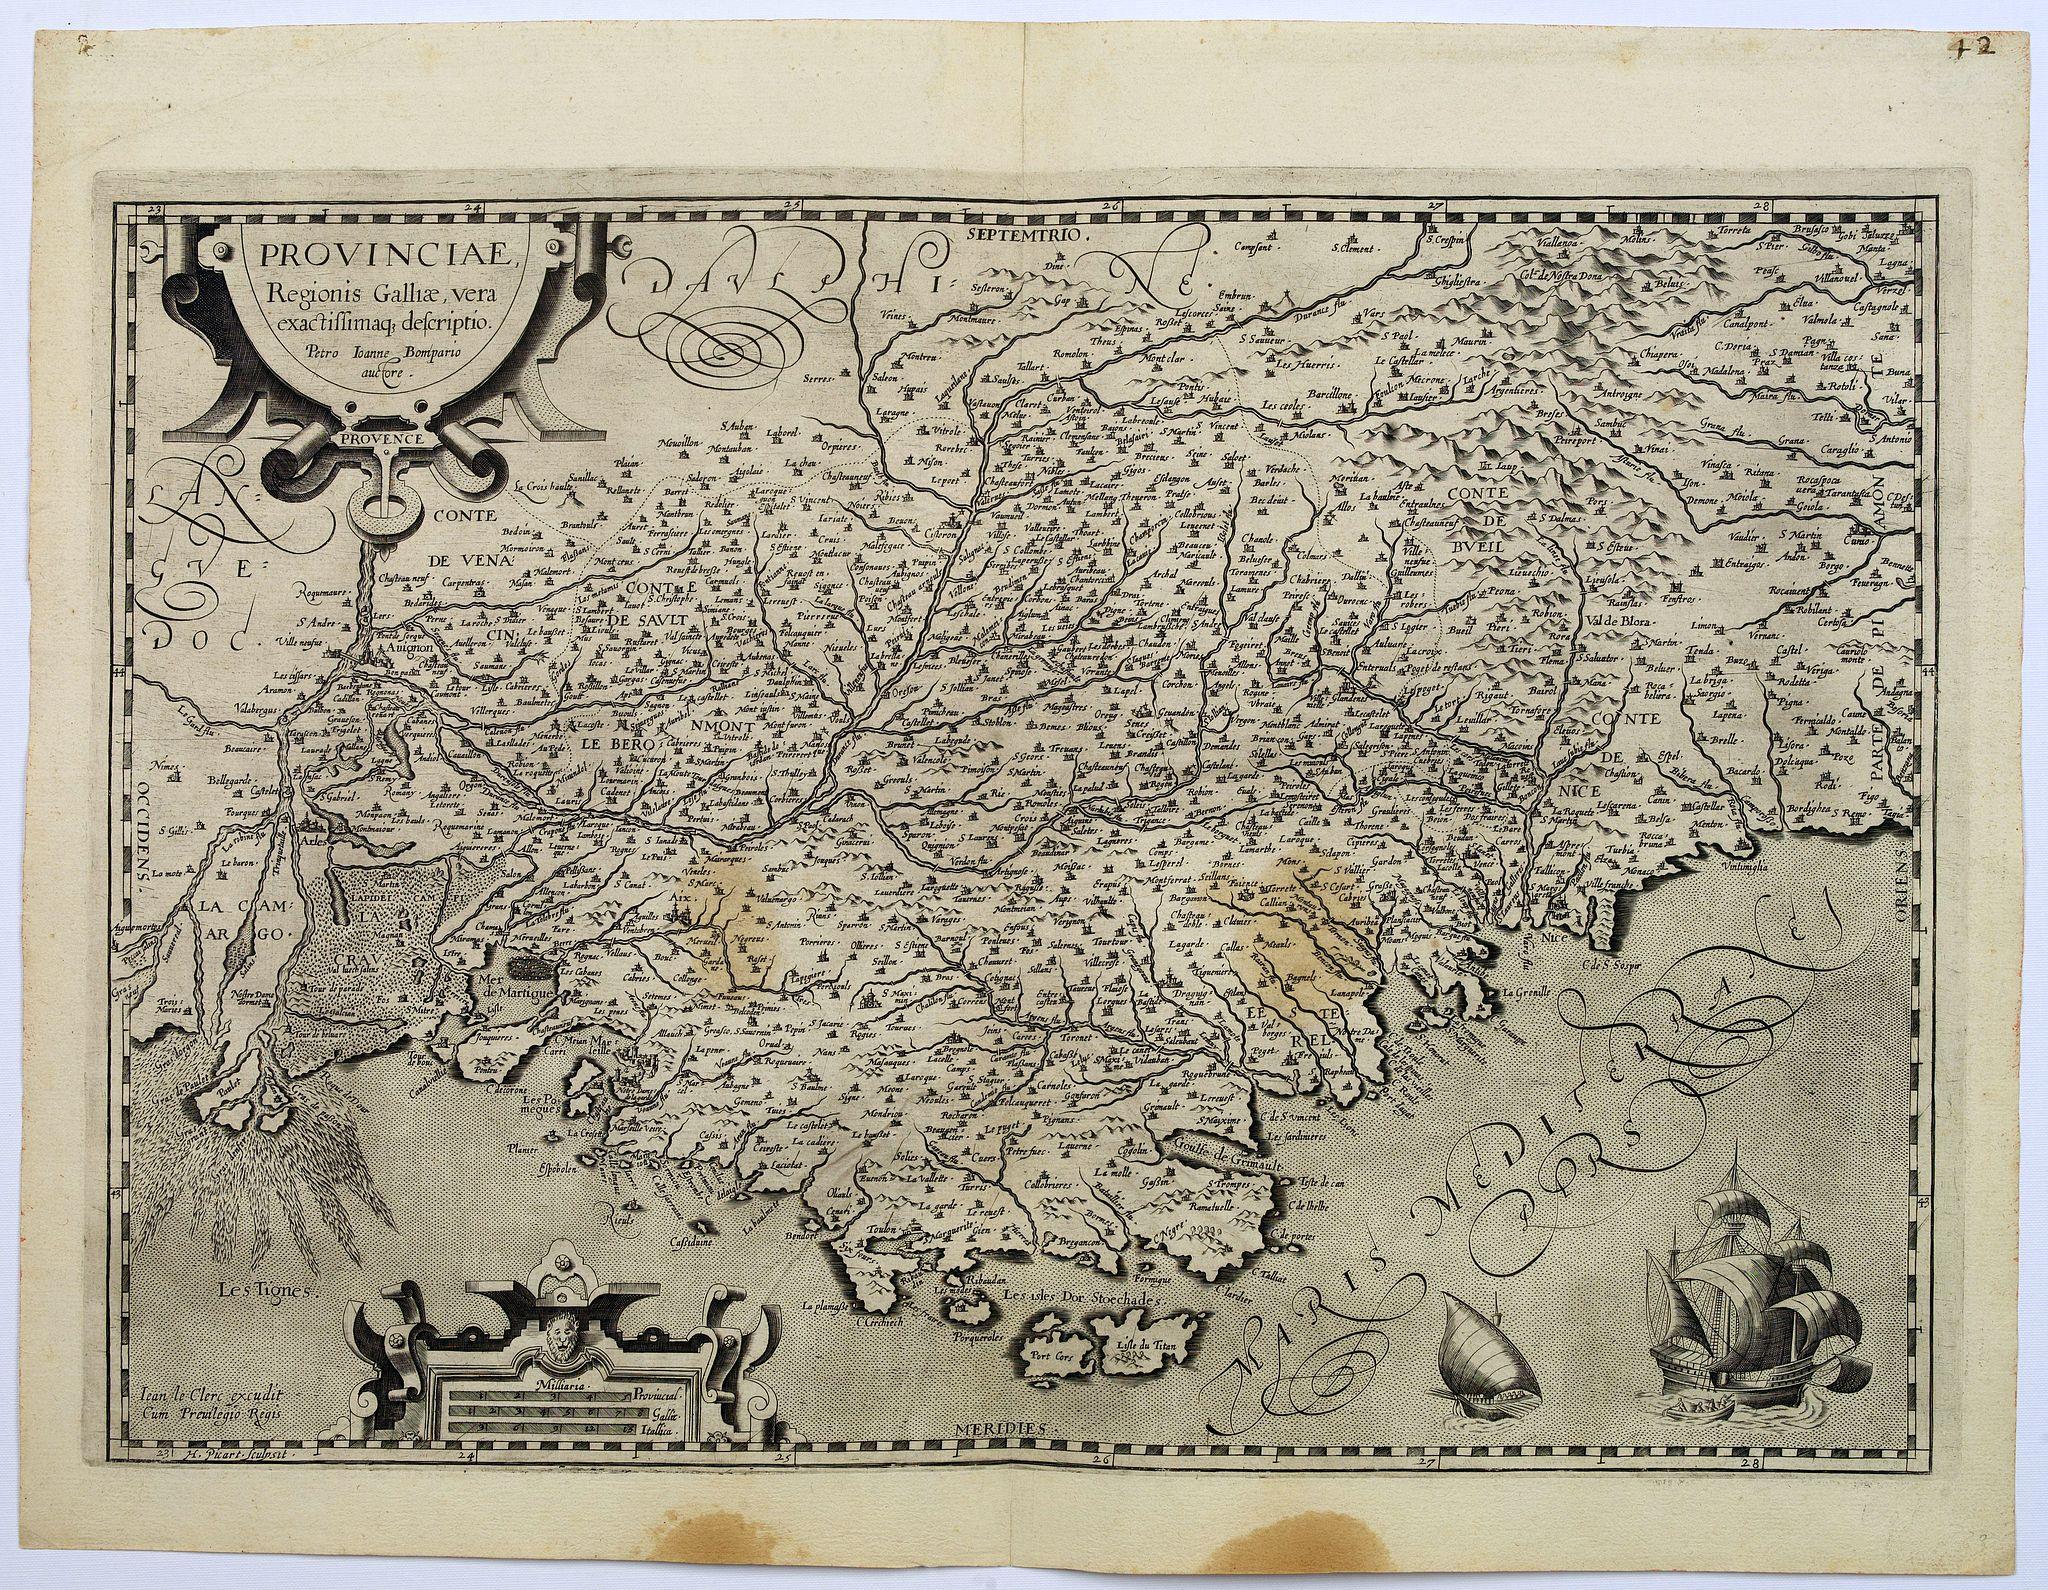 LE CLERC, J. -  Provinciae, Regionis galliae, vera exactissimaq. Descriptio